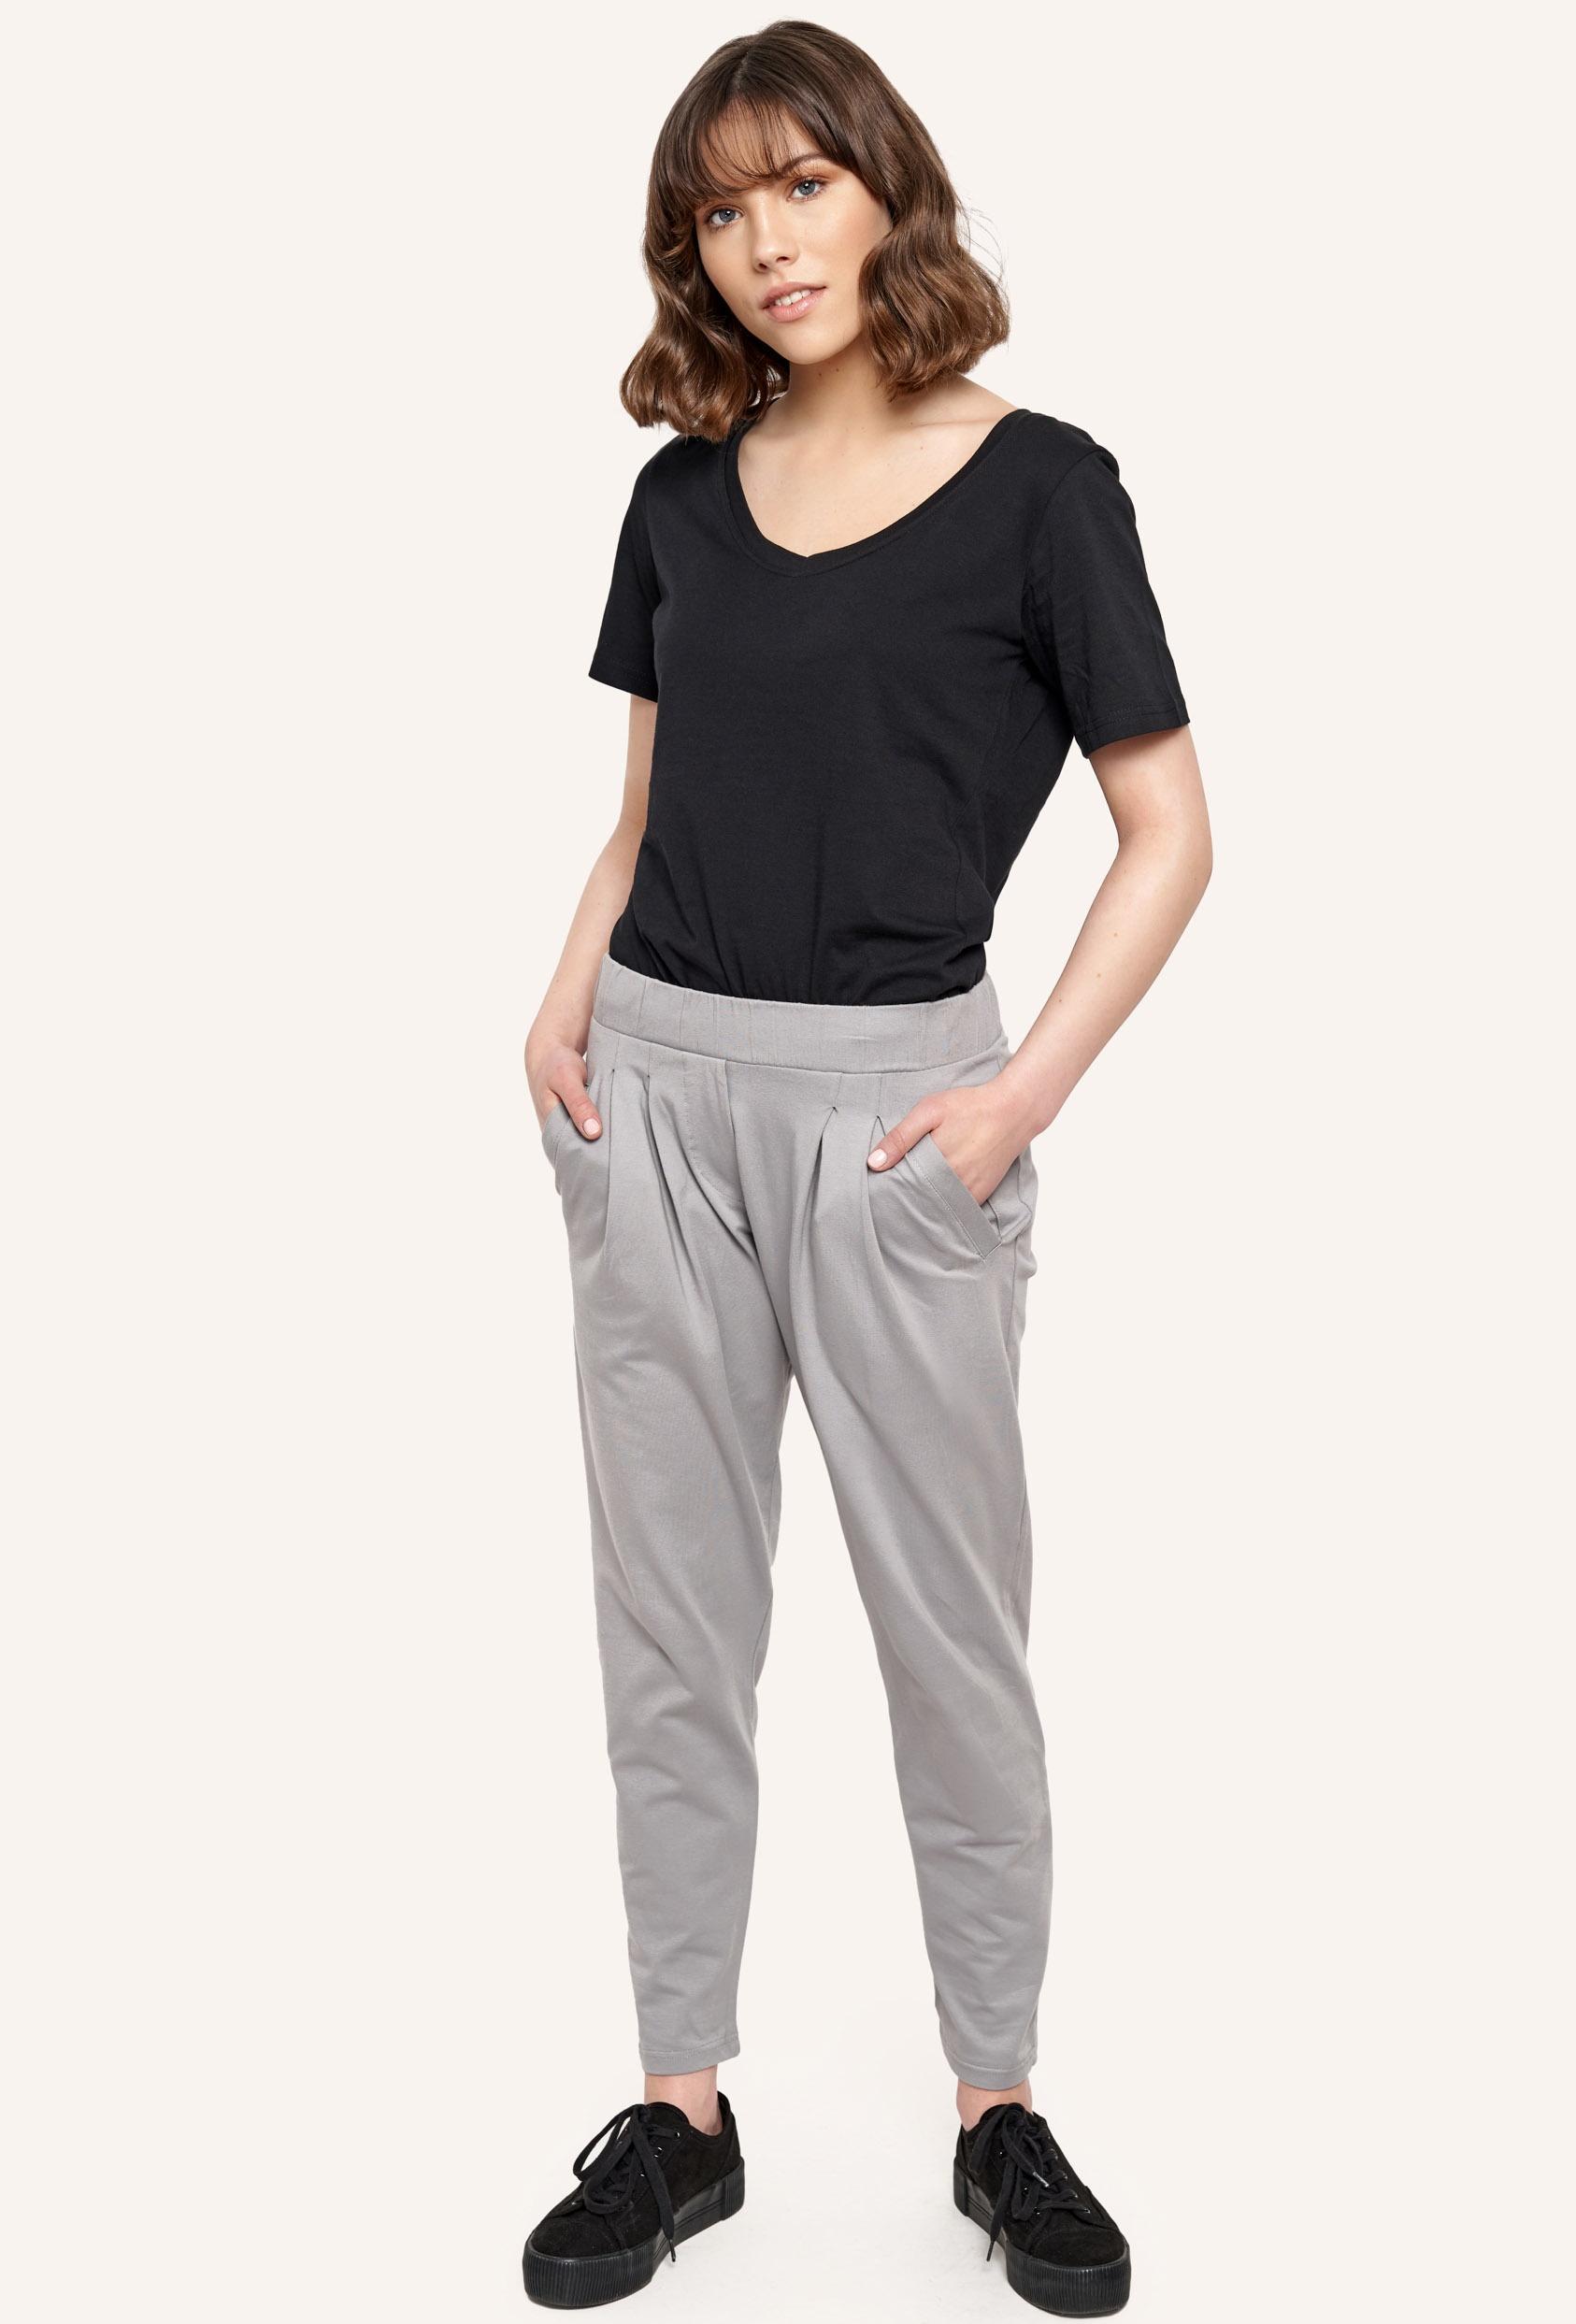 Spodnie bawełniane JUDY PANTS szare